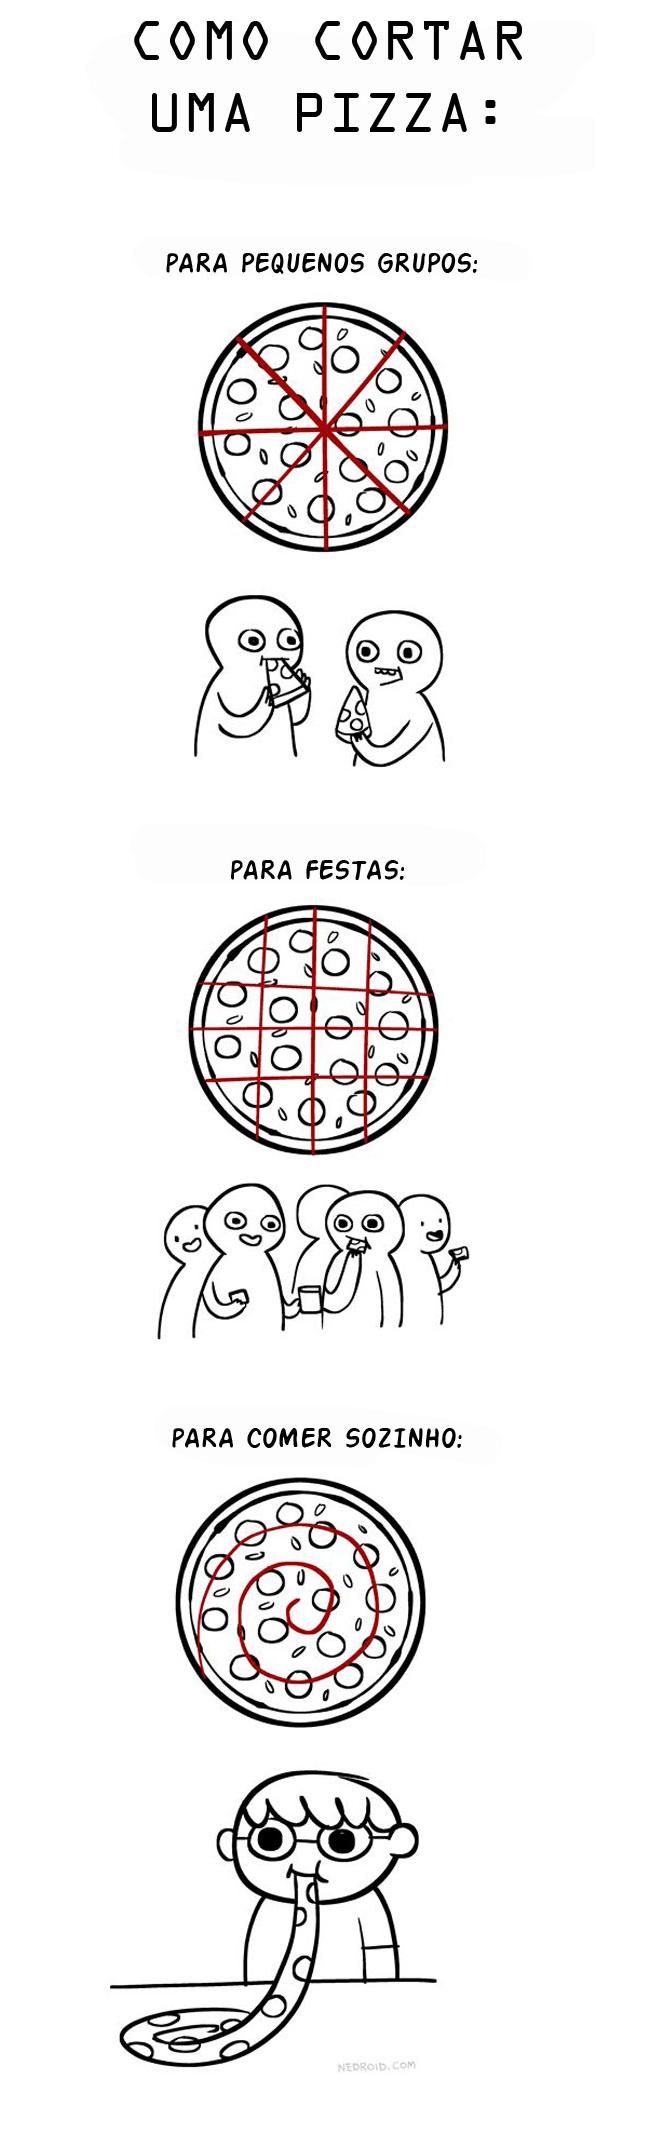 satirinhas-como-cortar-uma-pizza